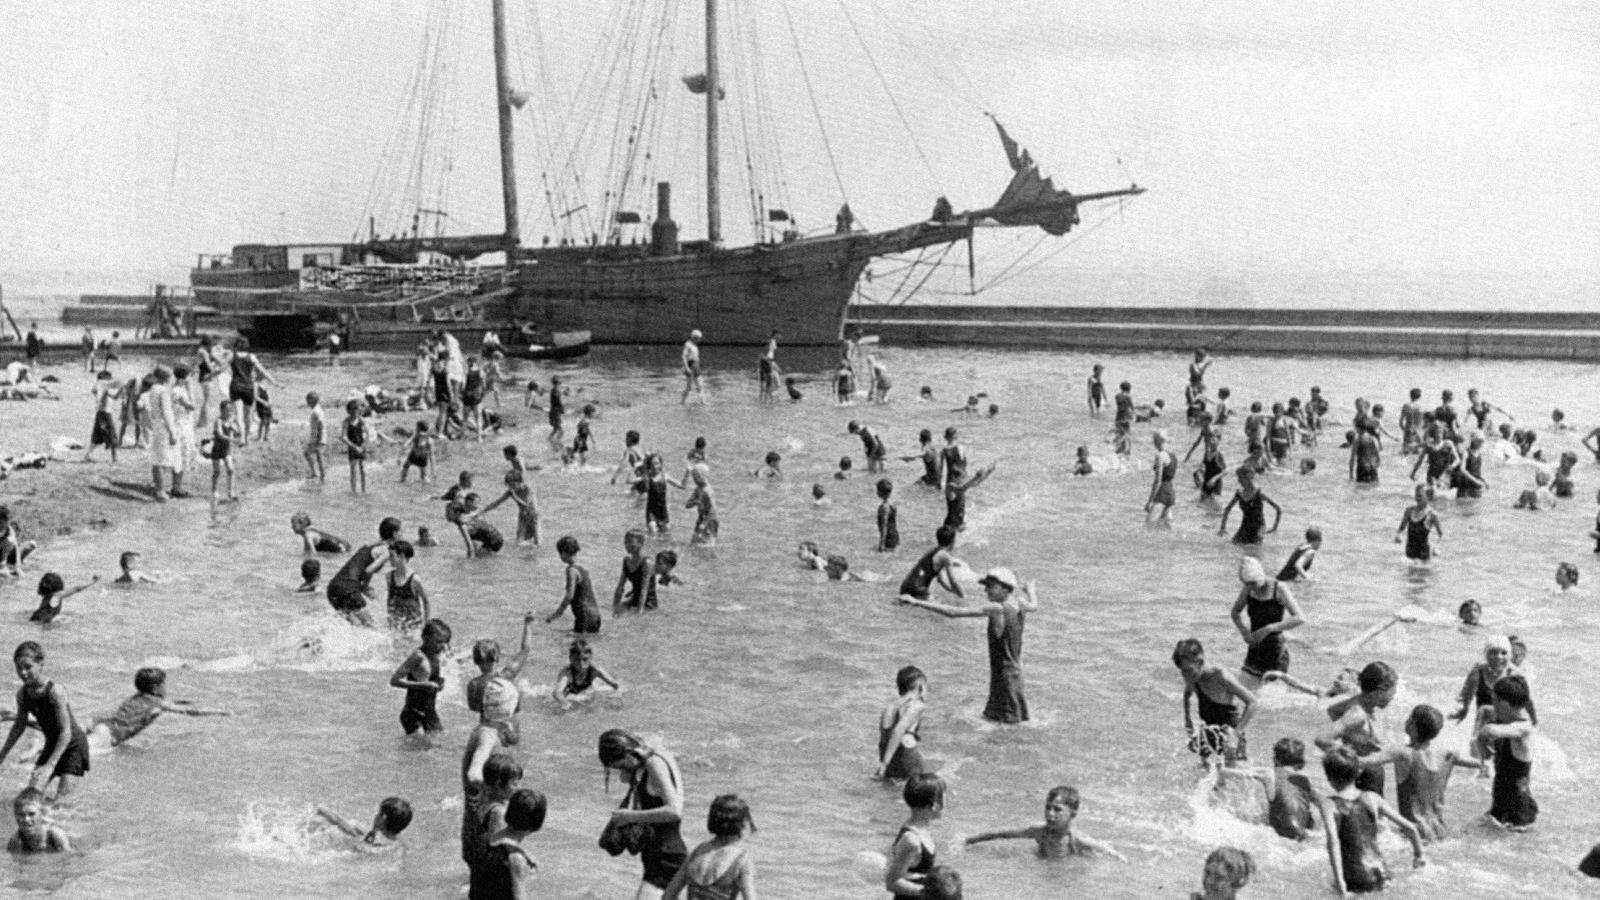 Les baigneurs dans l'eau